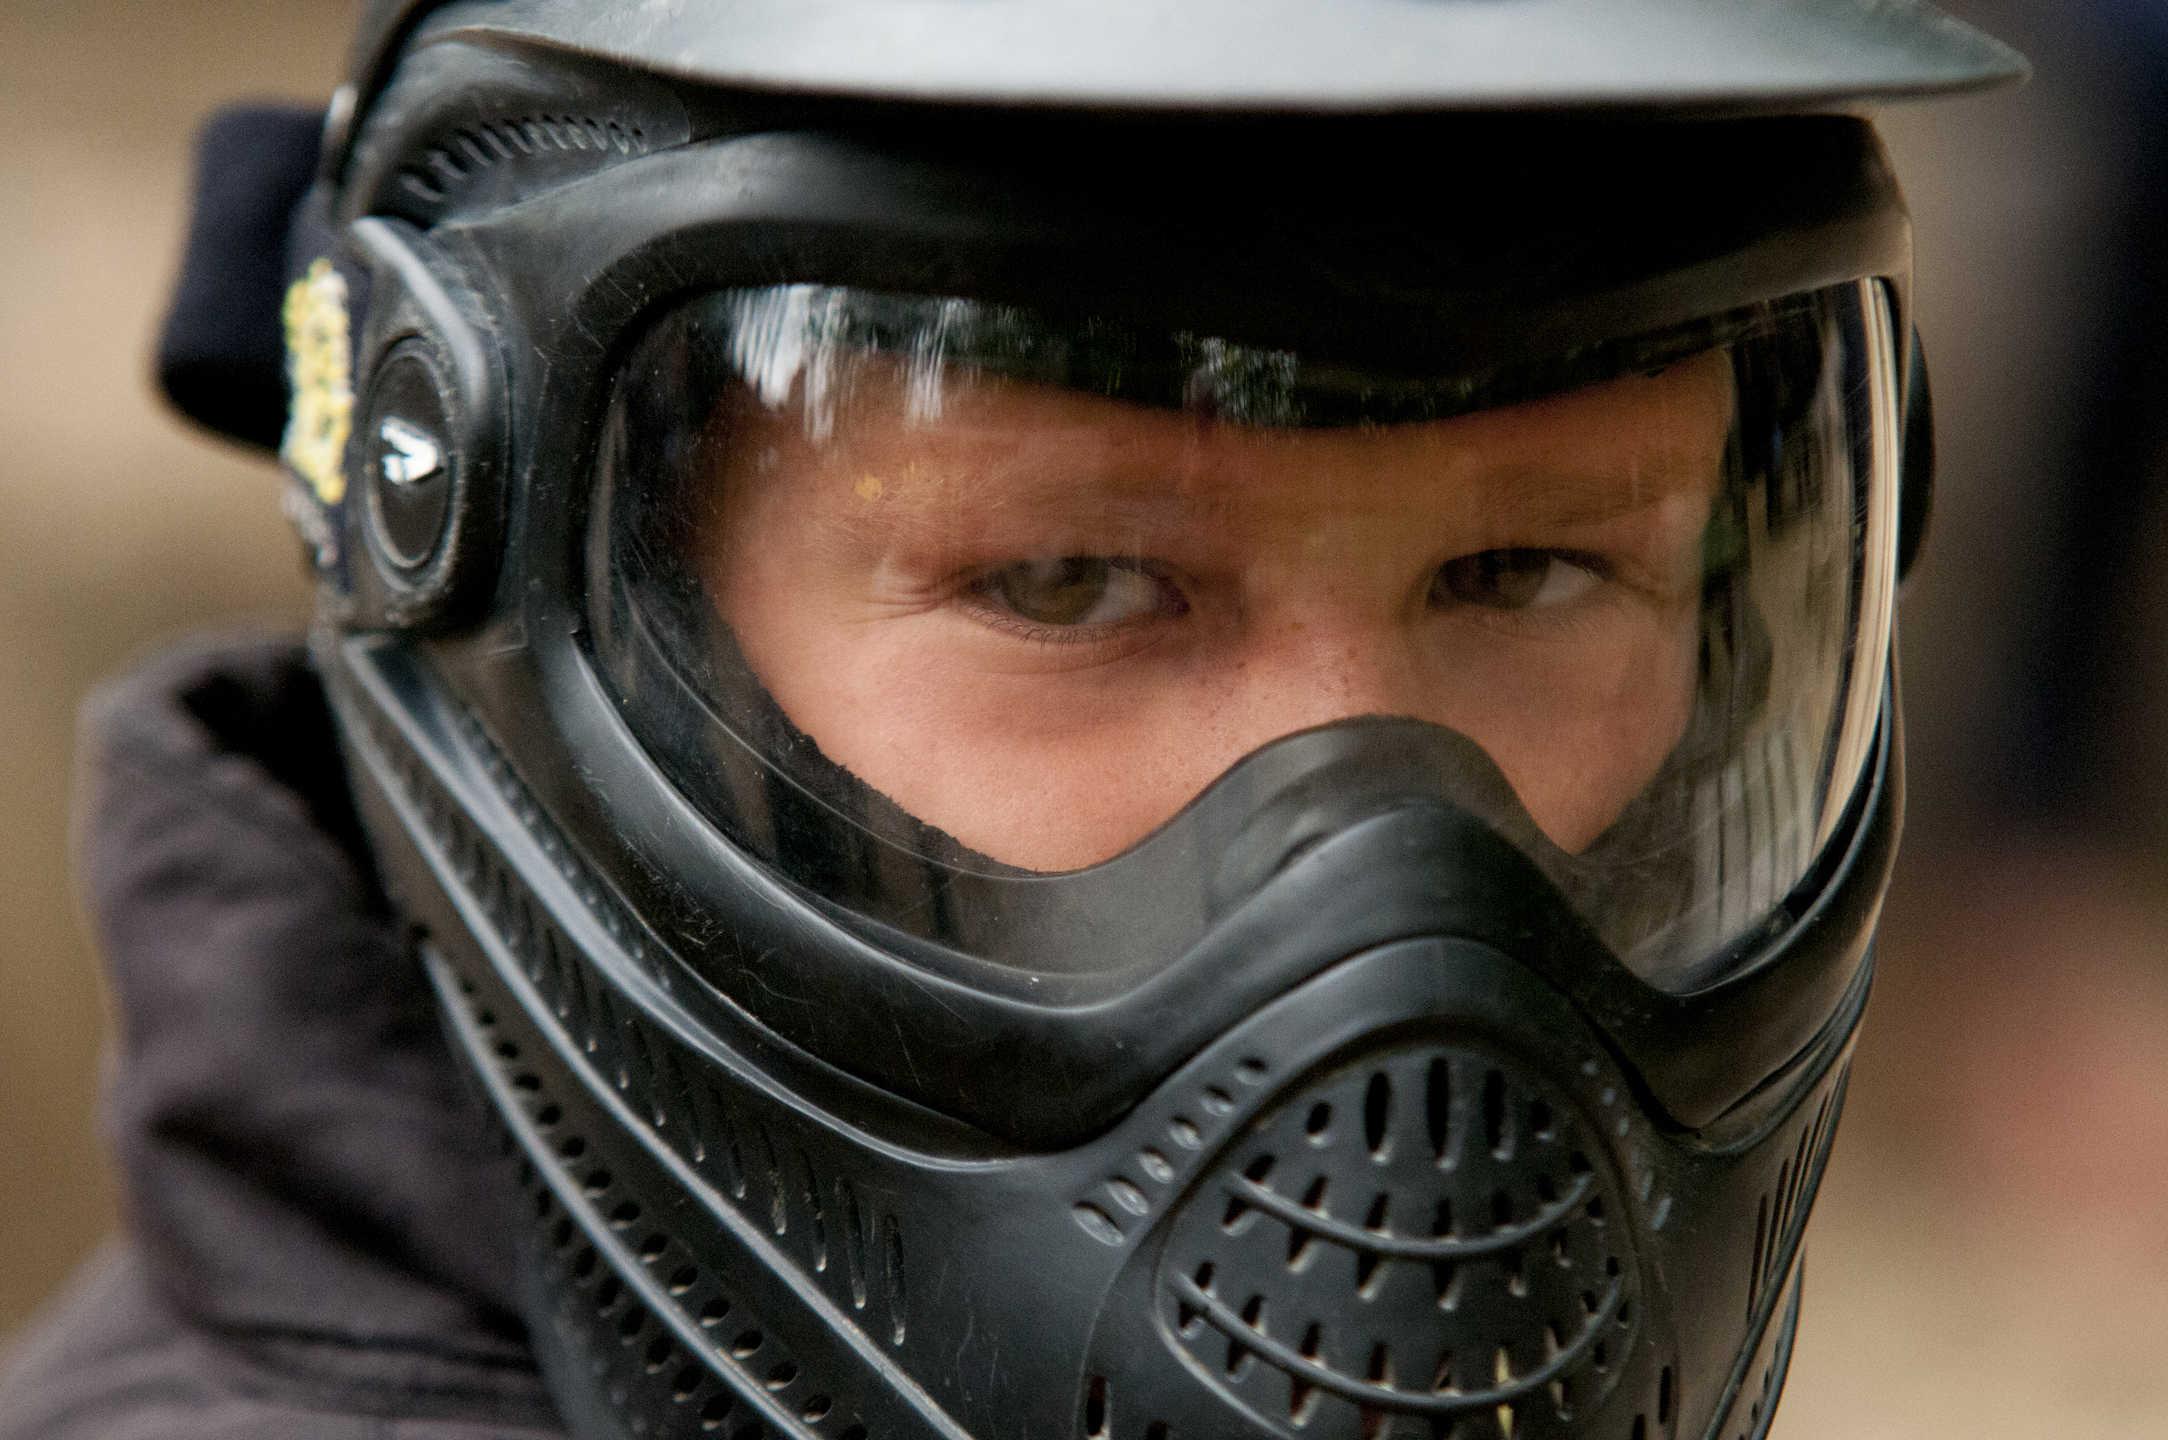 Boy Wearing Delta Force Paintball Helmet